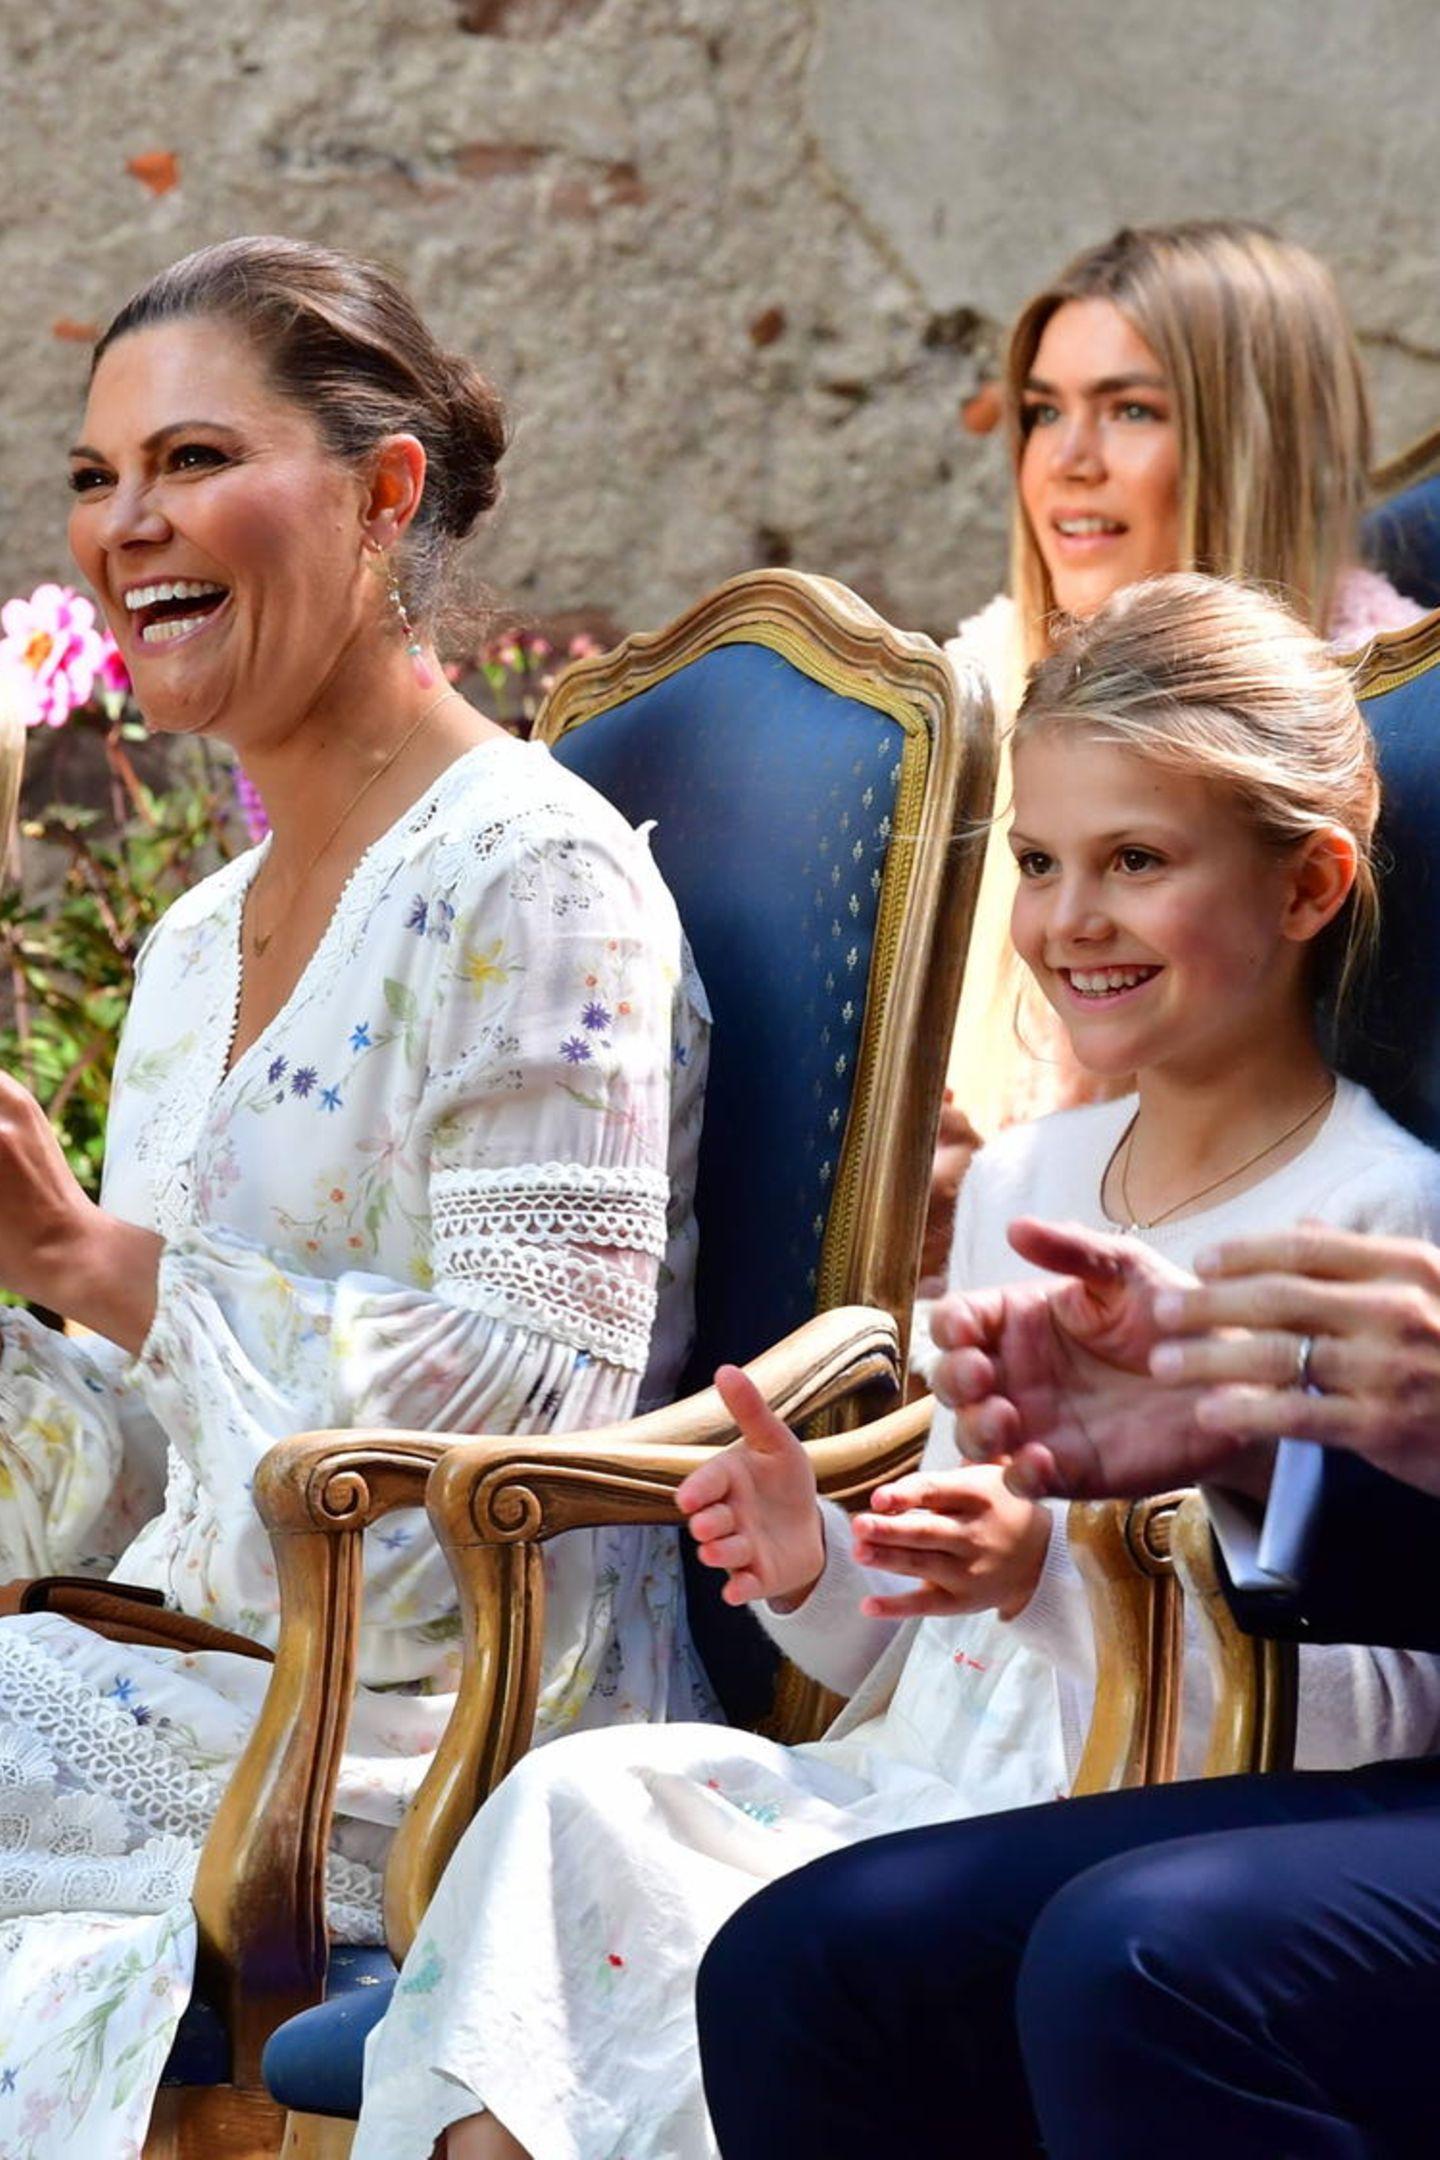 Das Konzert zum Ehrentag von Prinzessin Victoria findet das erste Mal nicht auf dem Sportplatz, sondern in der Burgruine von Schloss Borgholm statt und auch fast ohne Zuschauer. Das tut der guten Stimmung dennoch keinen Abbruch.